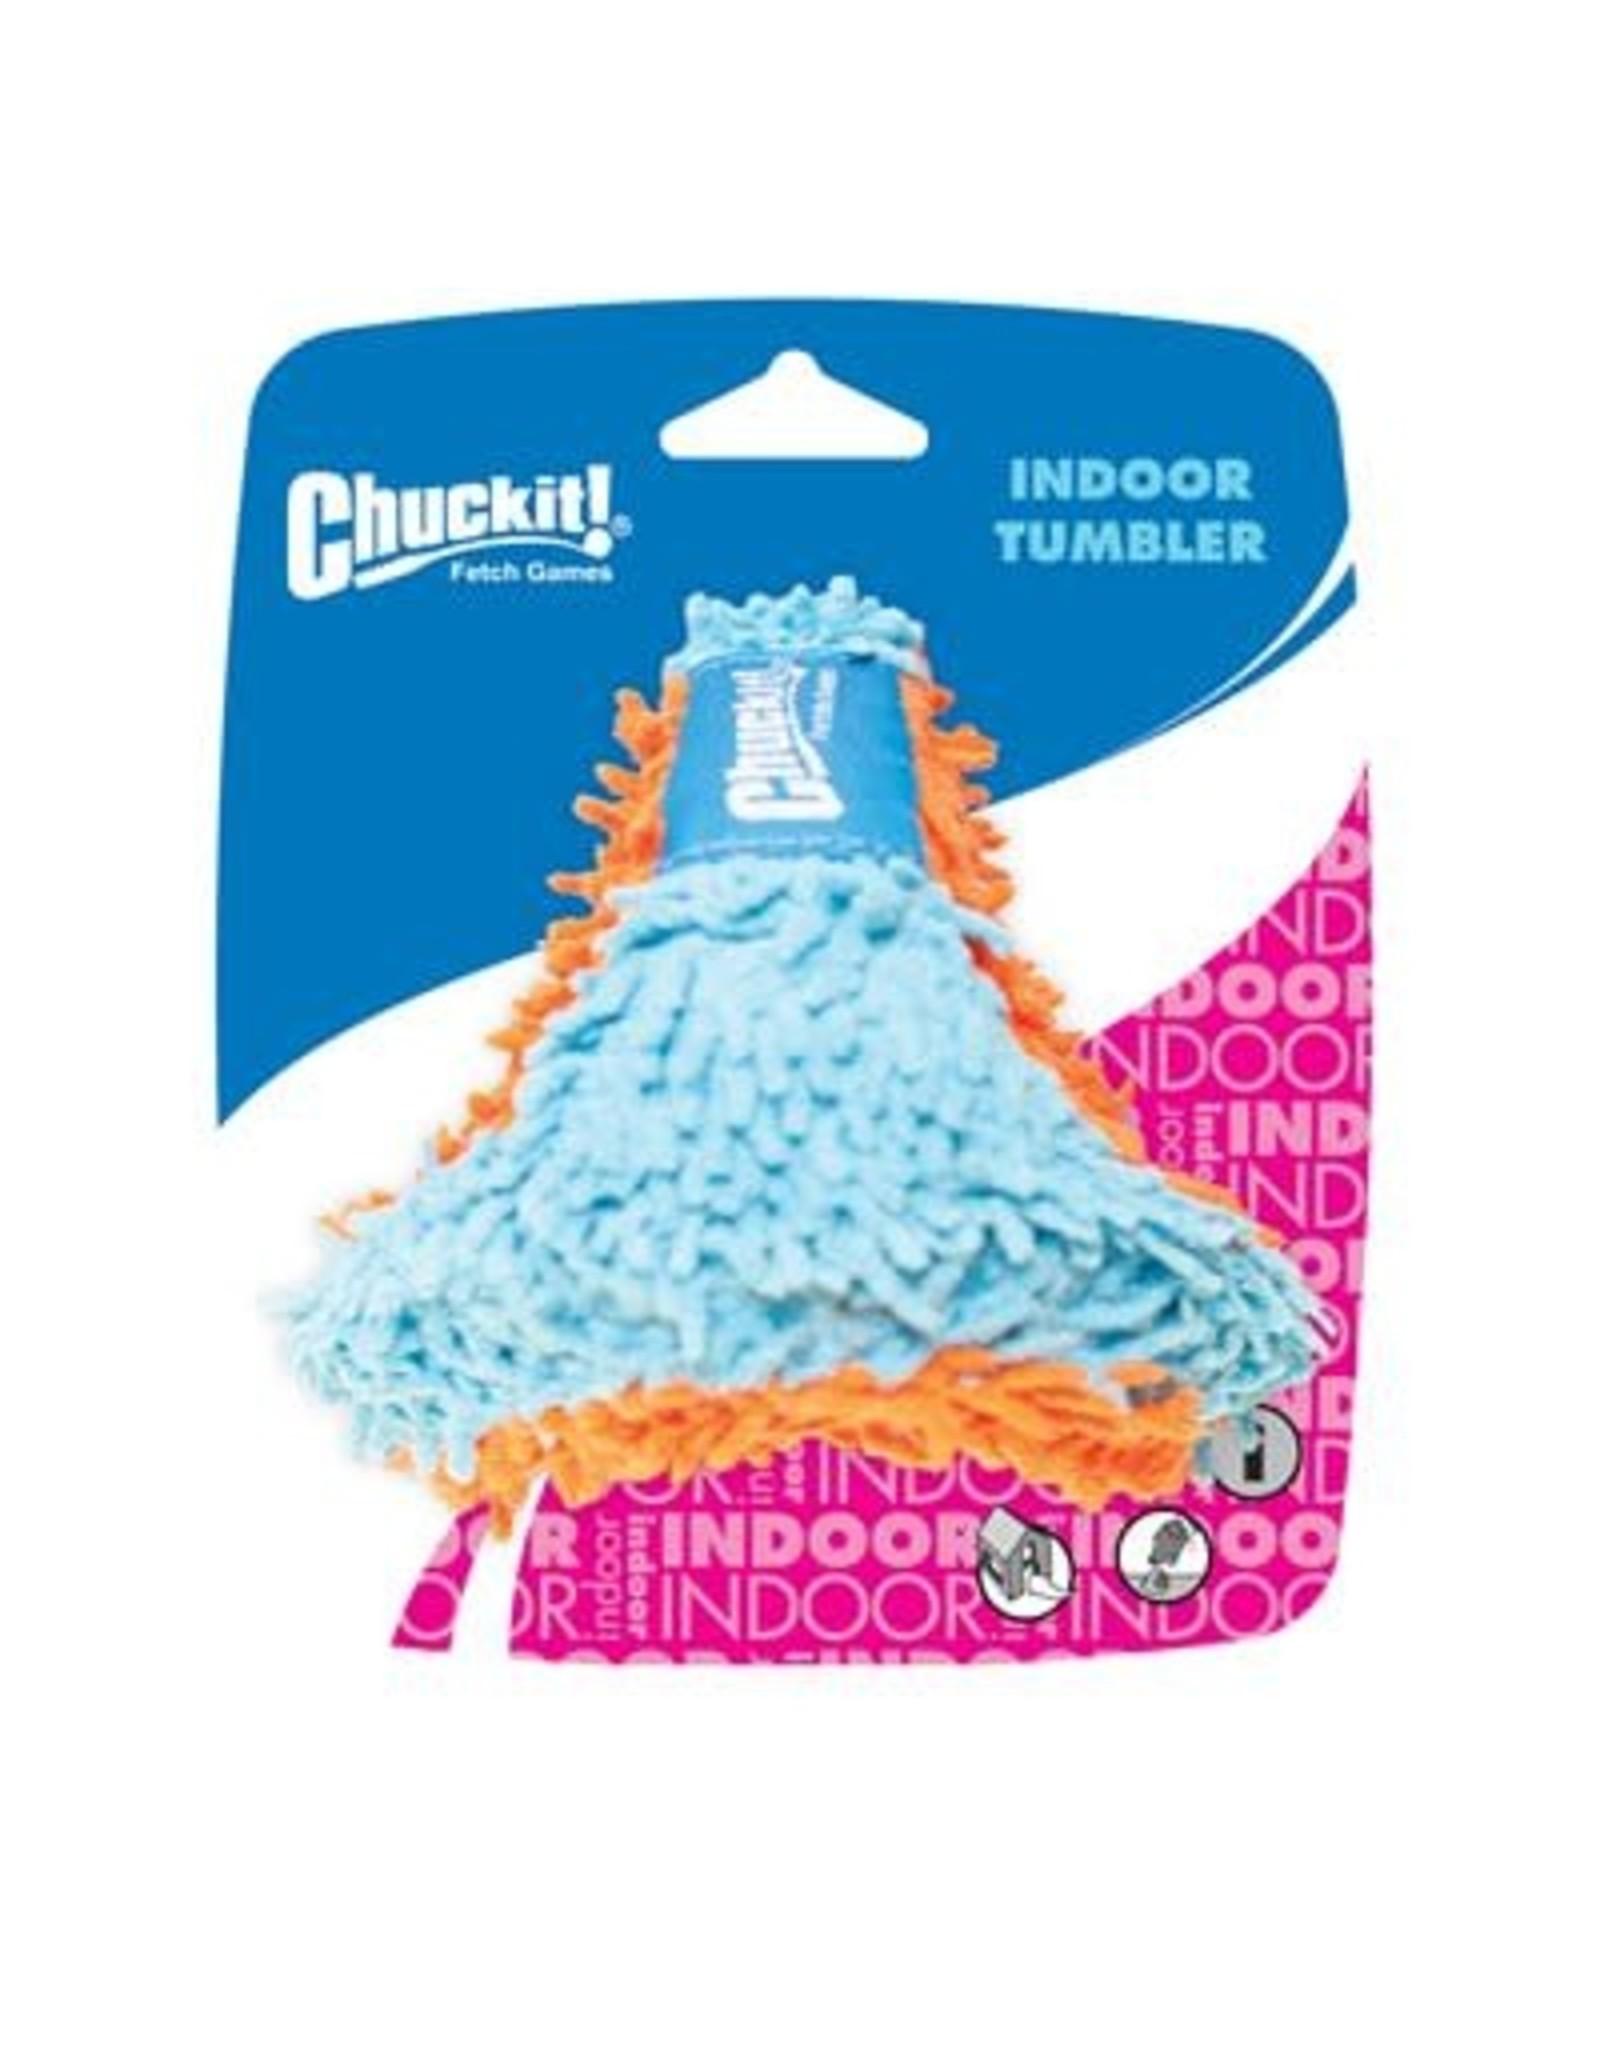 Chuck-It Chuck-It Indoor Tumbler S